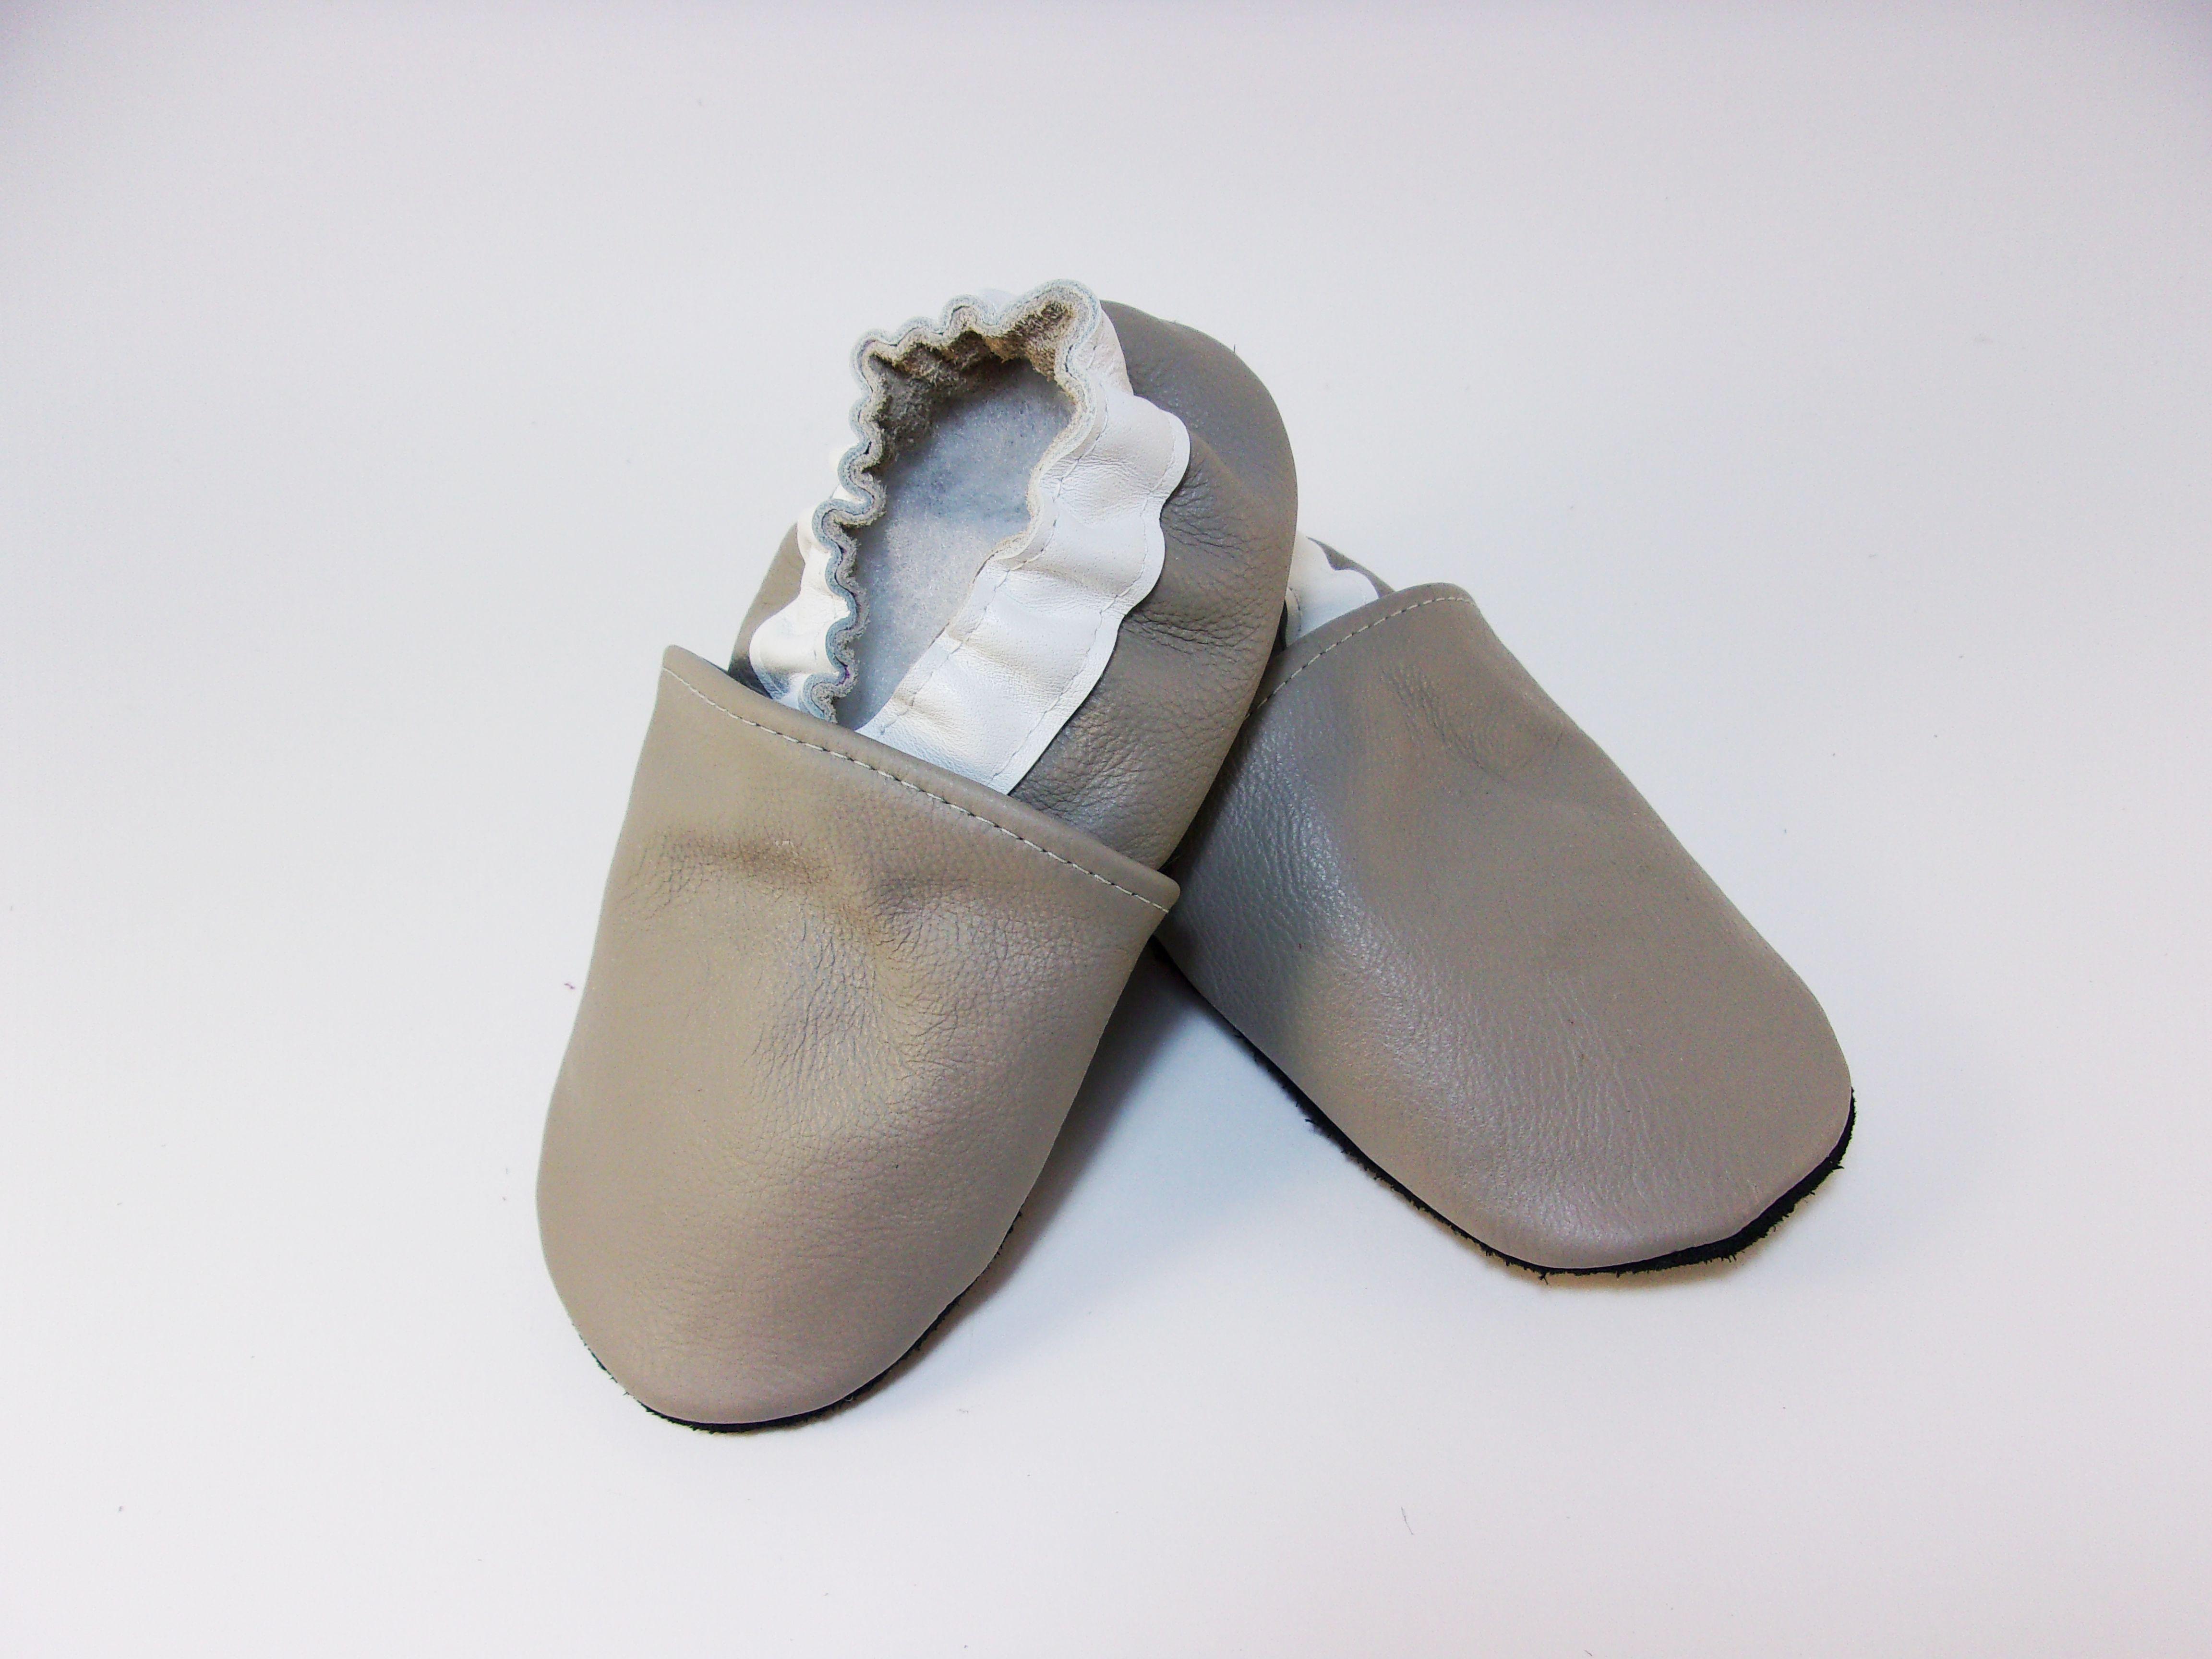 чешки подарок тапочки детей натуральная домашняя обувь для кожаная кожа товары